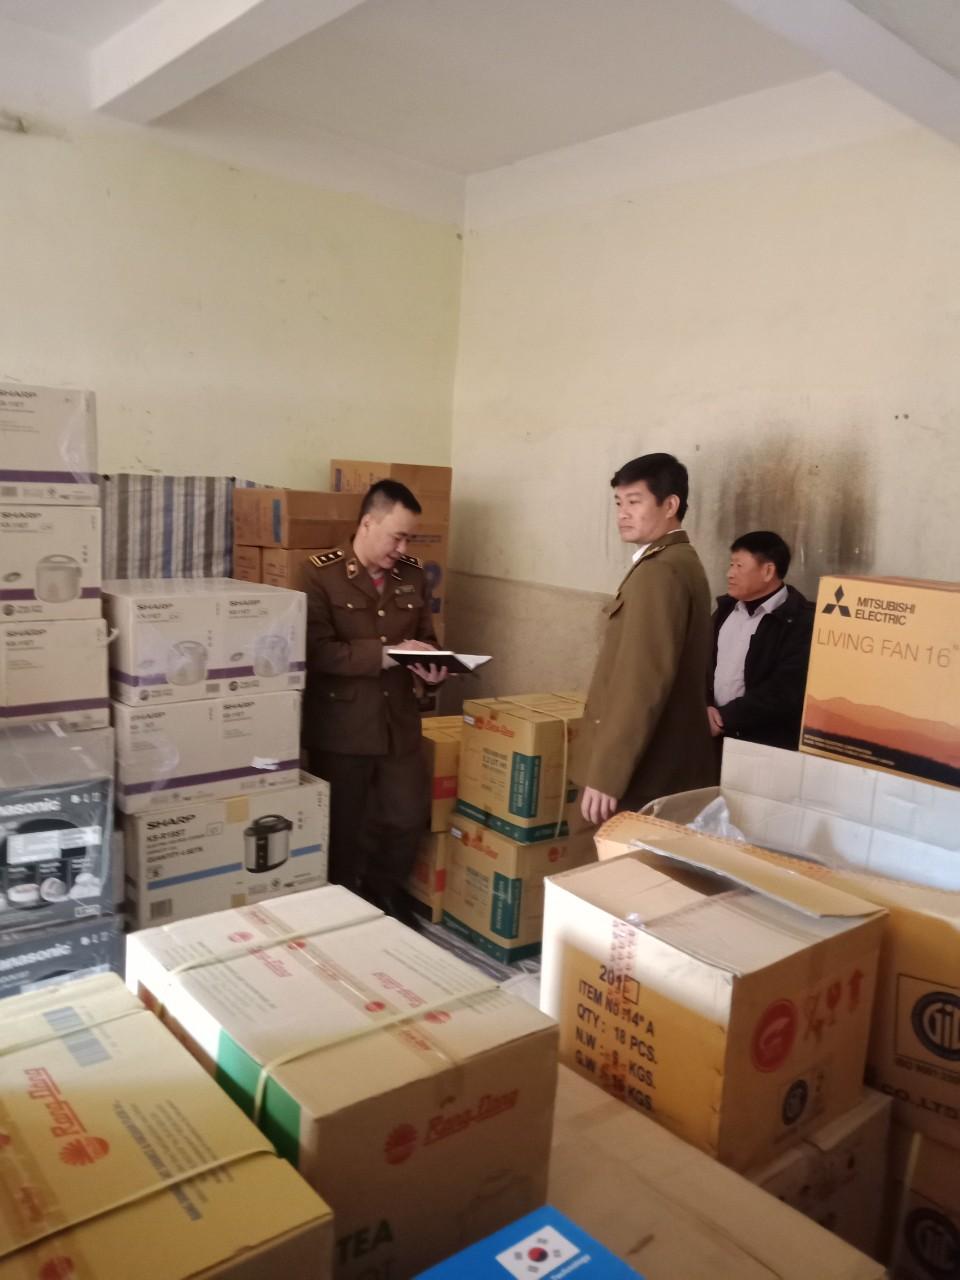 Cục QLTT Thái Bình: Tạm giữ 177 chiếc nồi cơm điện các loại có dấu hiệu vi phạm về nhãn hàng hoá; không xuất trình được hoá đơn, chứng từ chứng minh nguồn gốc xuất xứ hàng hoá.